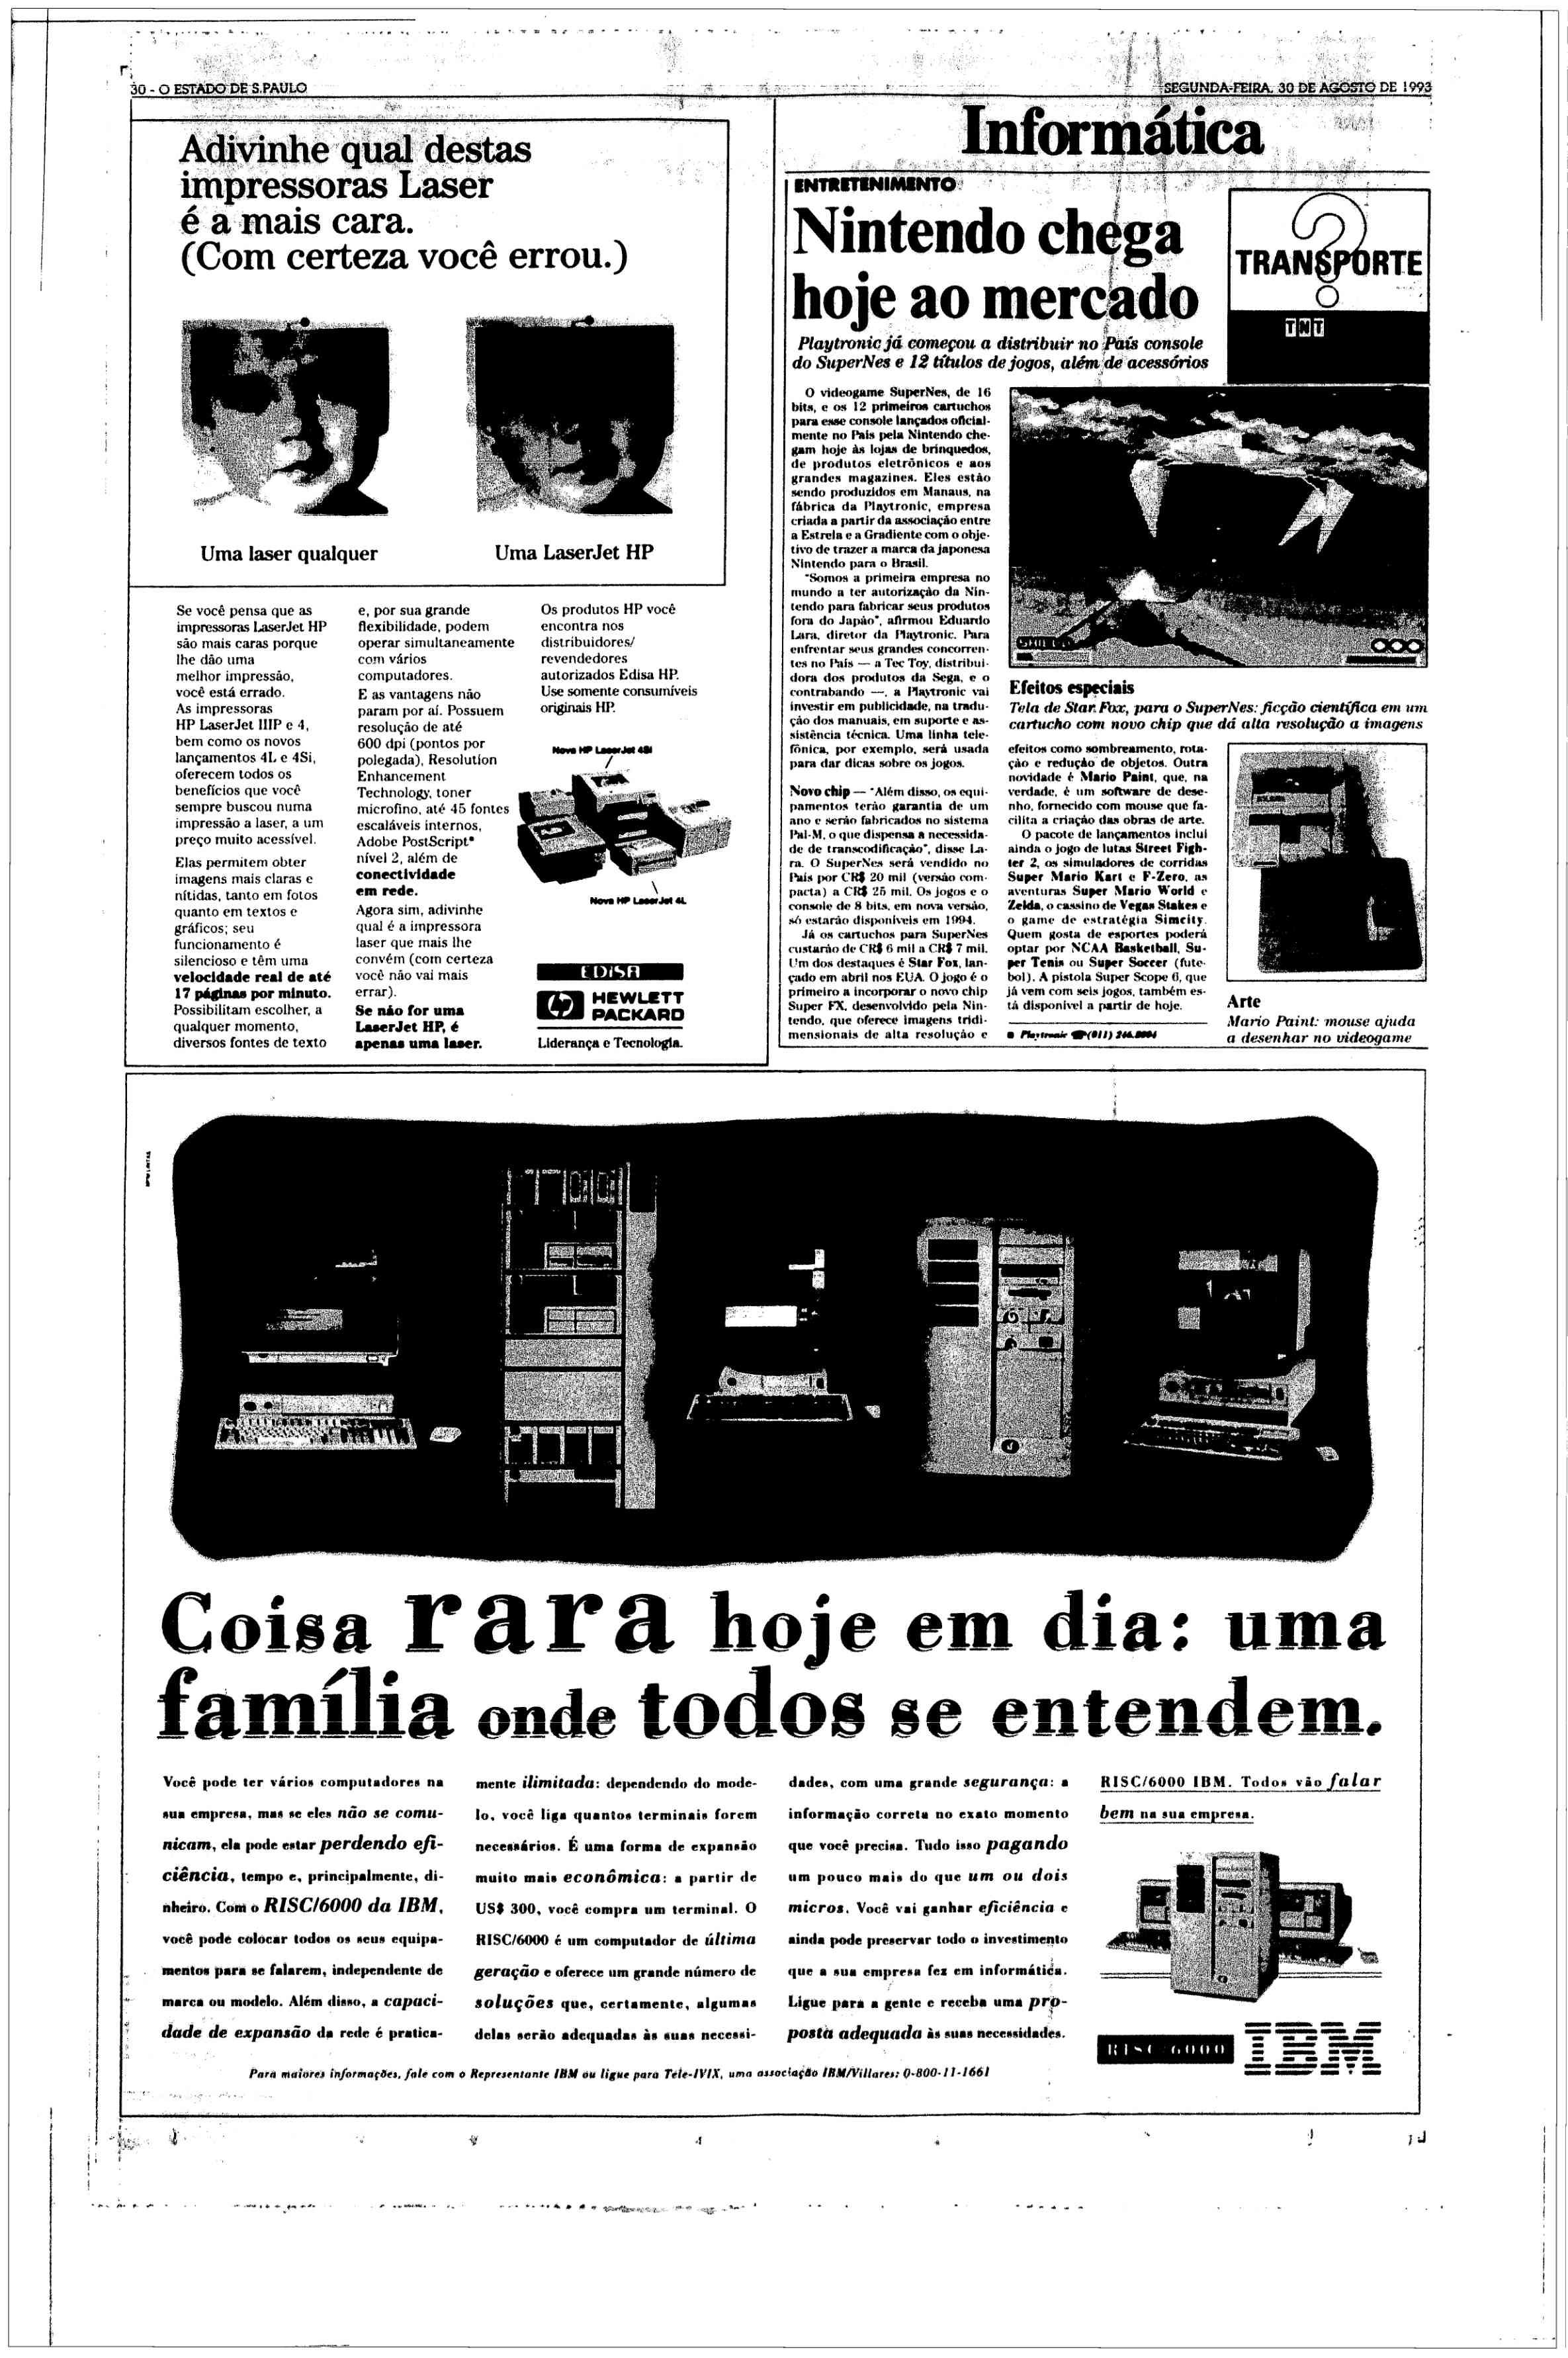 Recorte de jornal informando a chegada do Super Nintendo no mercado brasileiro